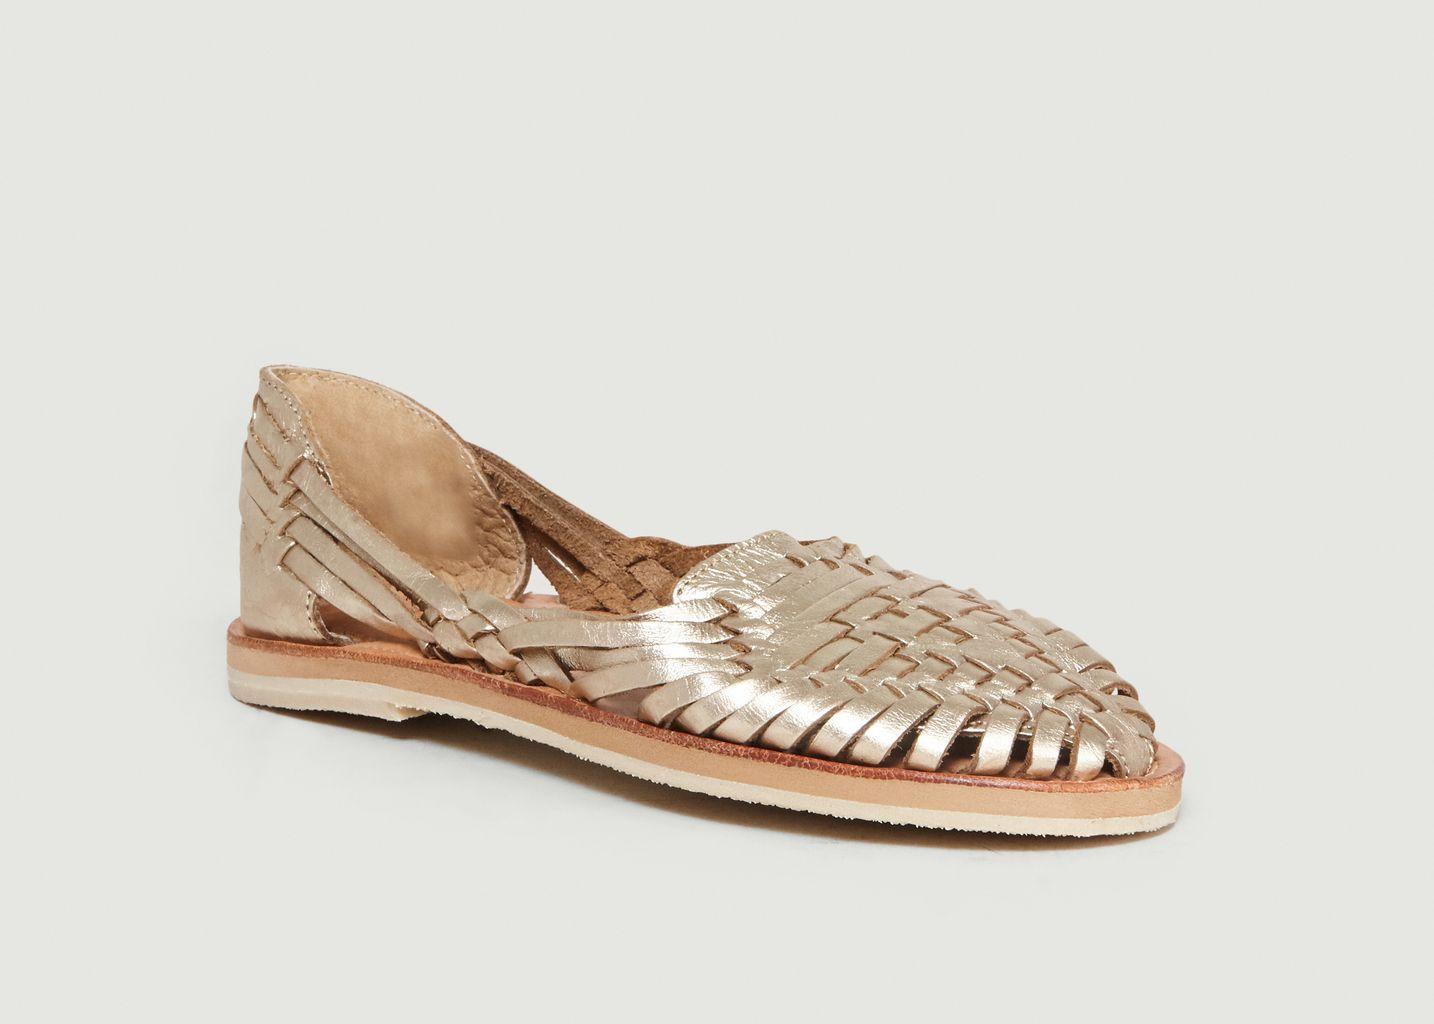 Sandales Plates En Cuir Pachuca - Leon & Harper